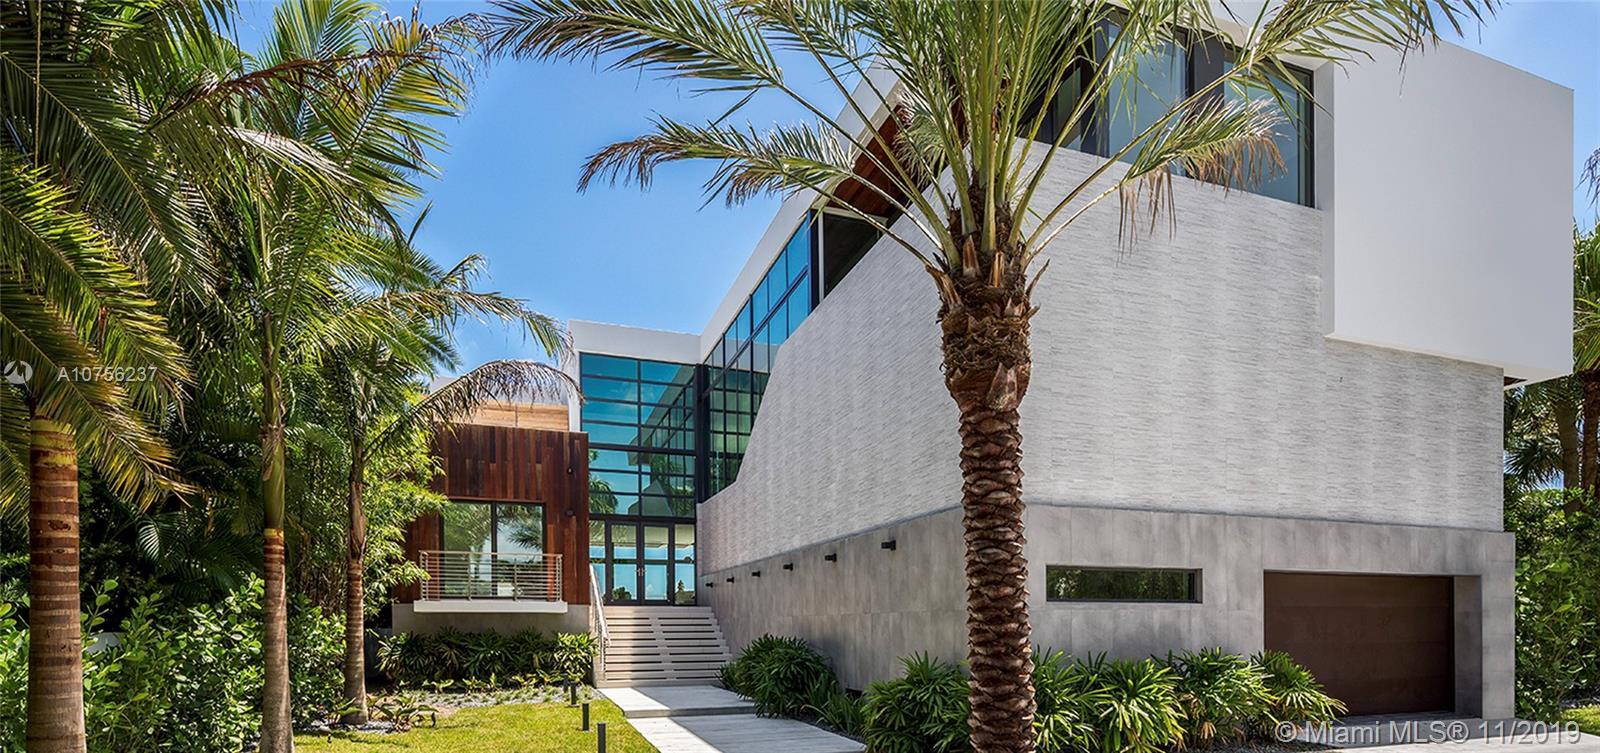 7311 Belle Meade Island Dr, Miami Shores, Florida